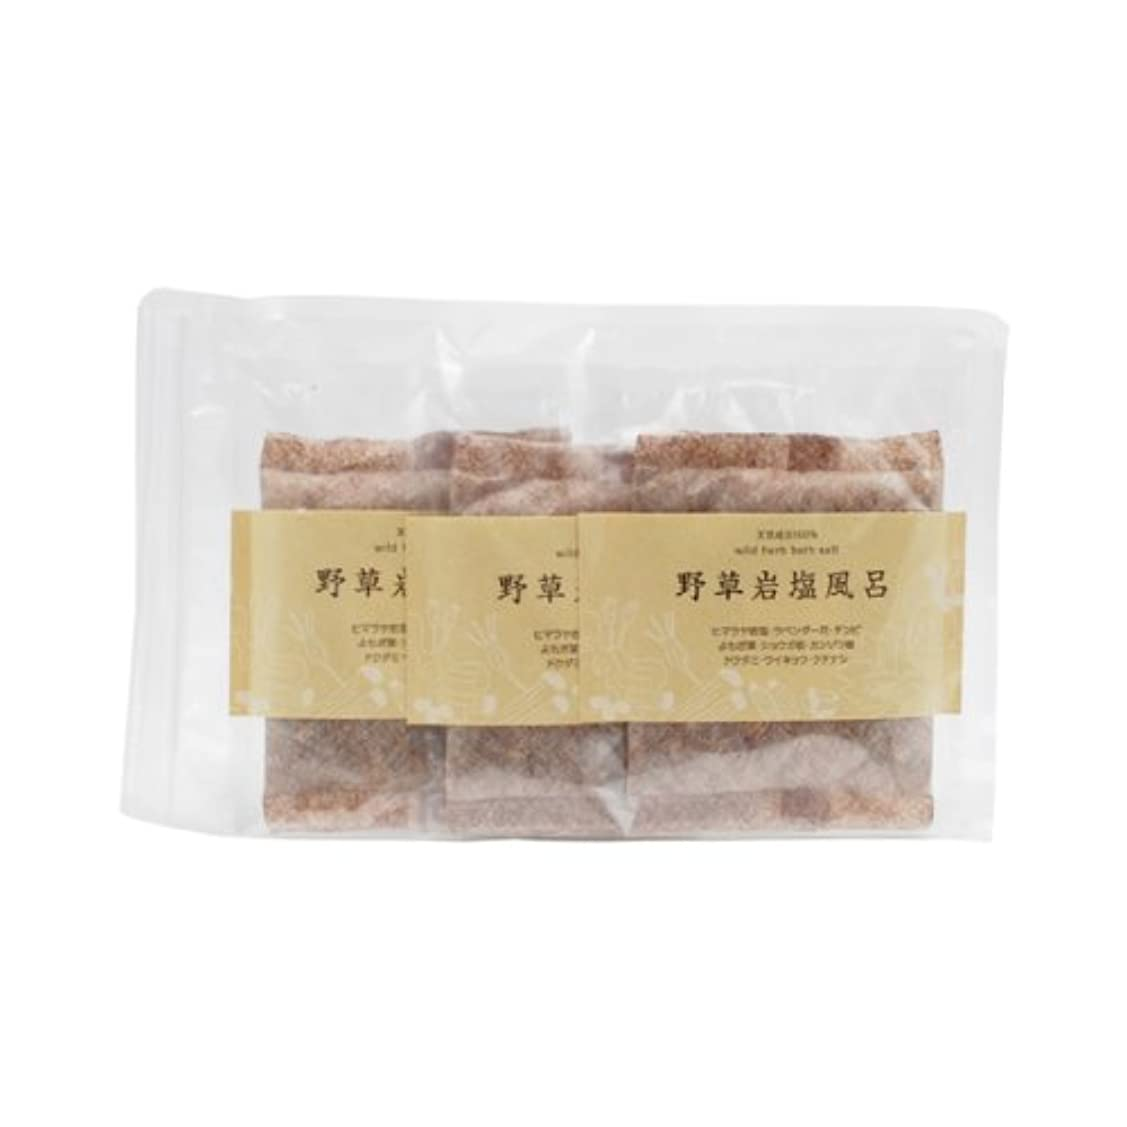 ペインティングエントリひらめき野草岩塩風呂 1包タイプ 3包お試しセット